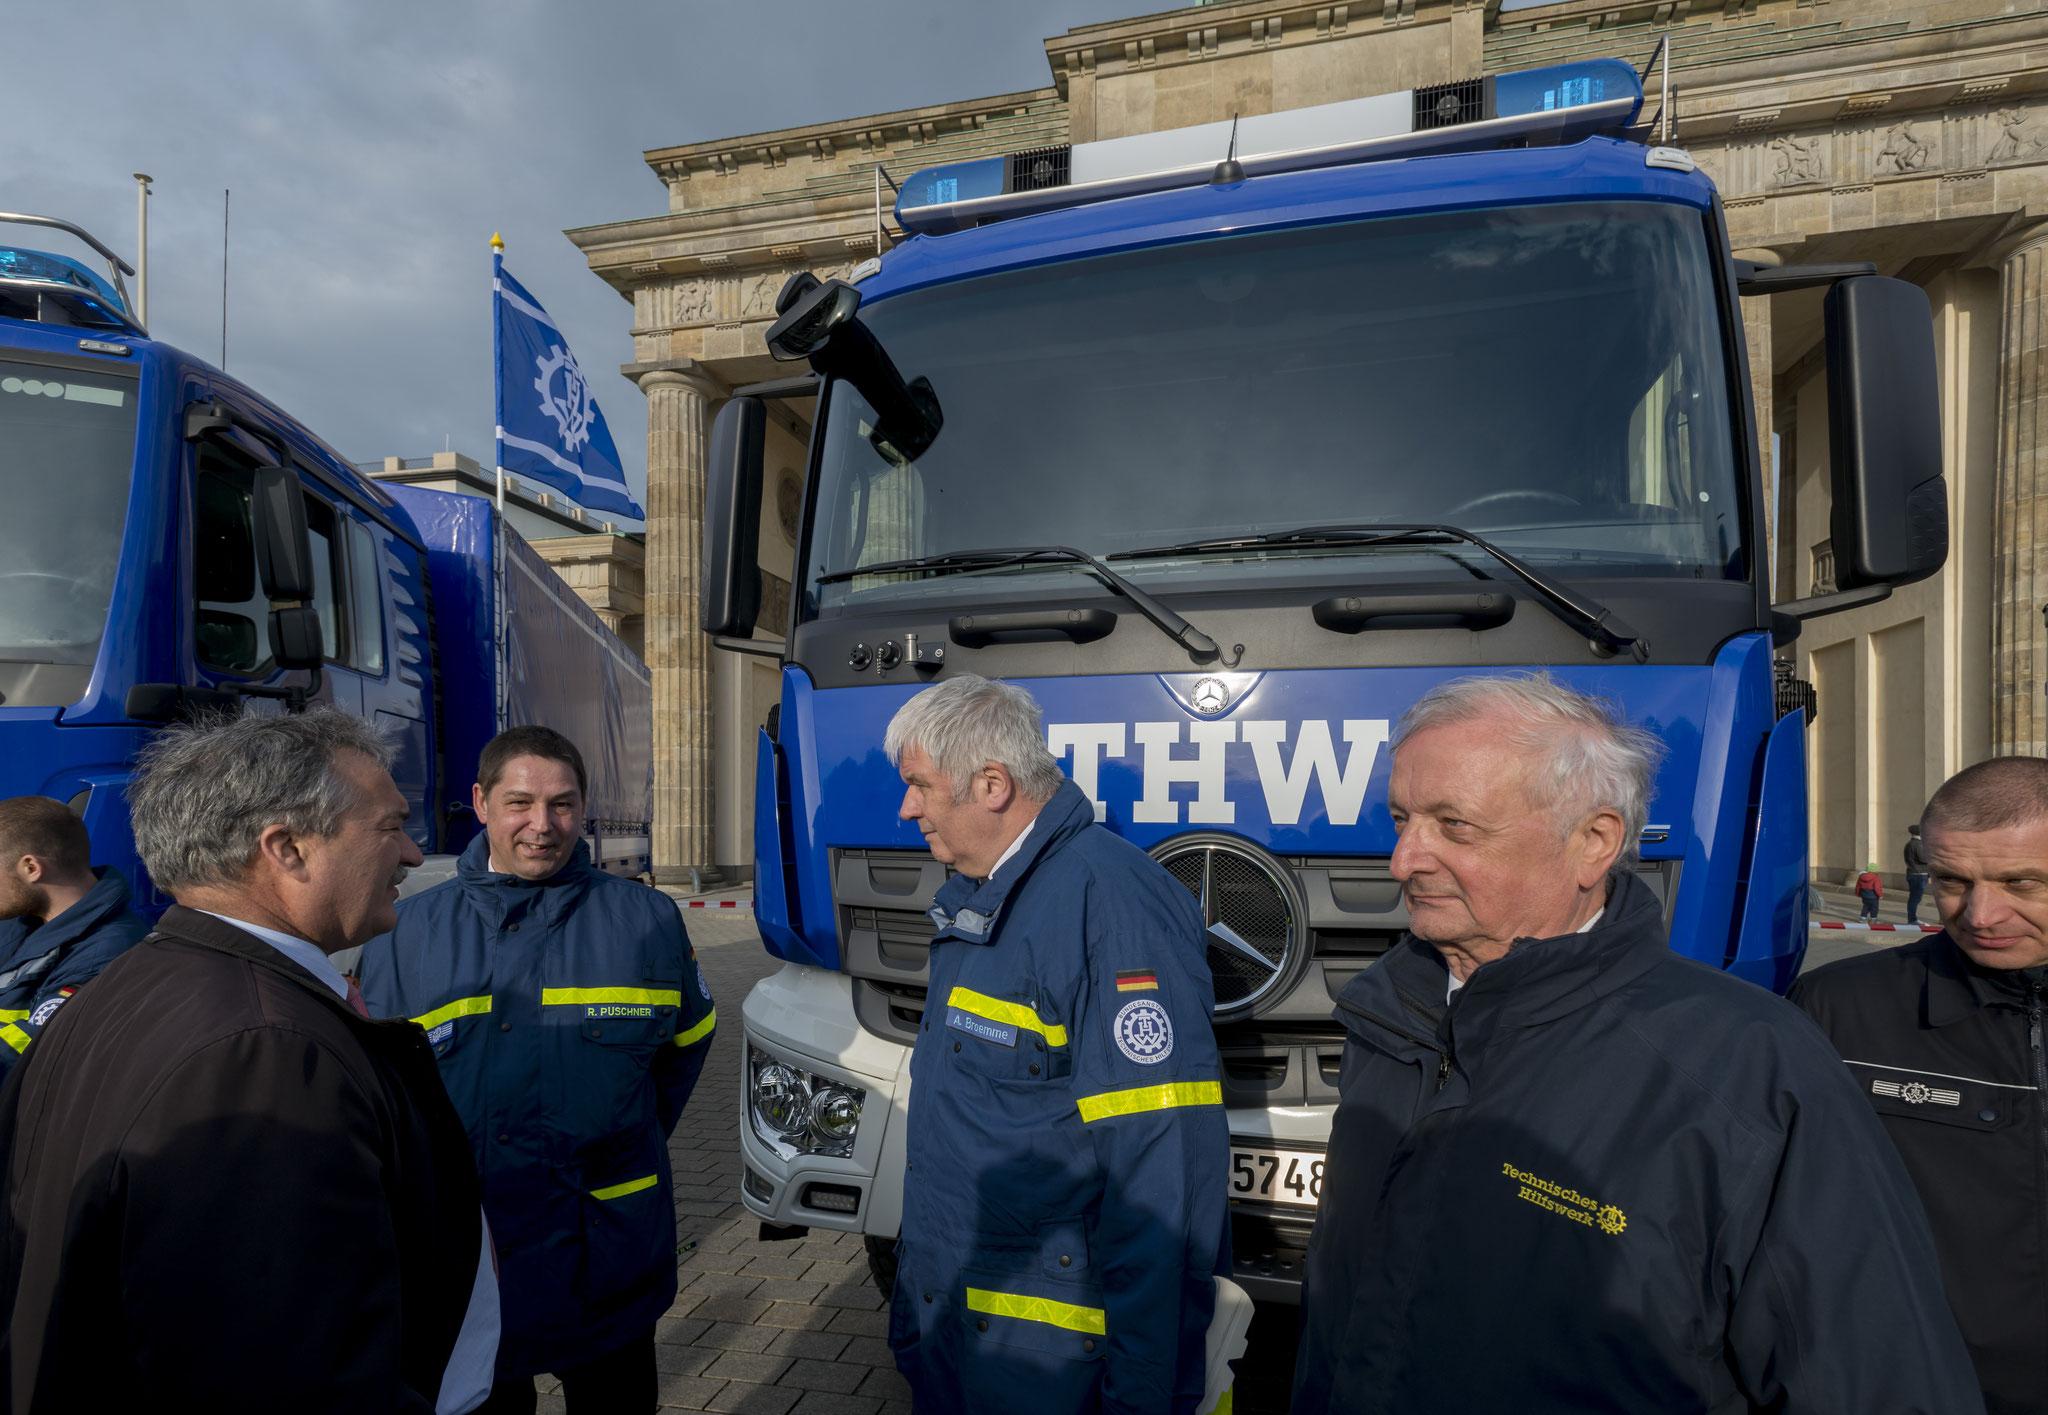 Vizevorstand Horst Engelhardt bei der Fahrzeugübergabe an das THW vor dem Brandenburger Tor